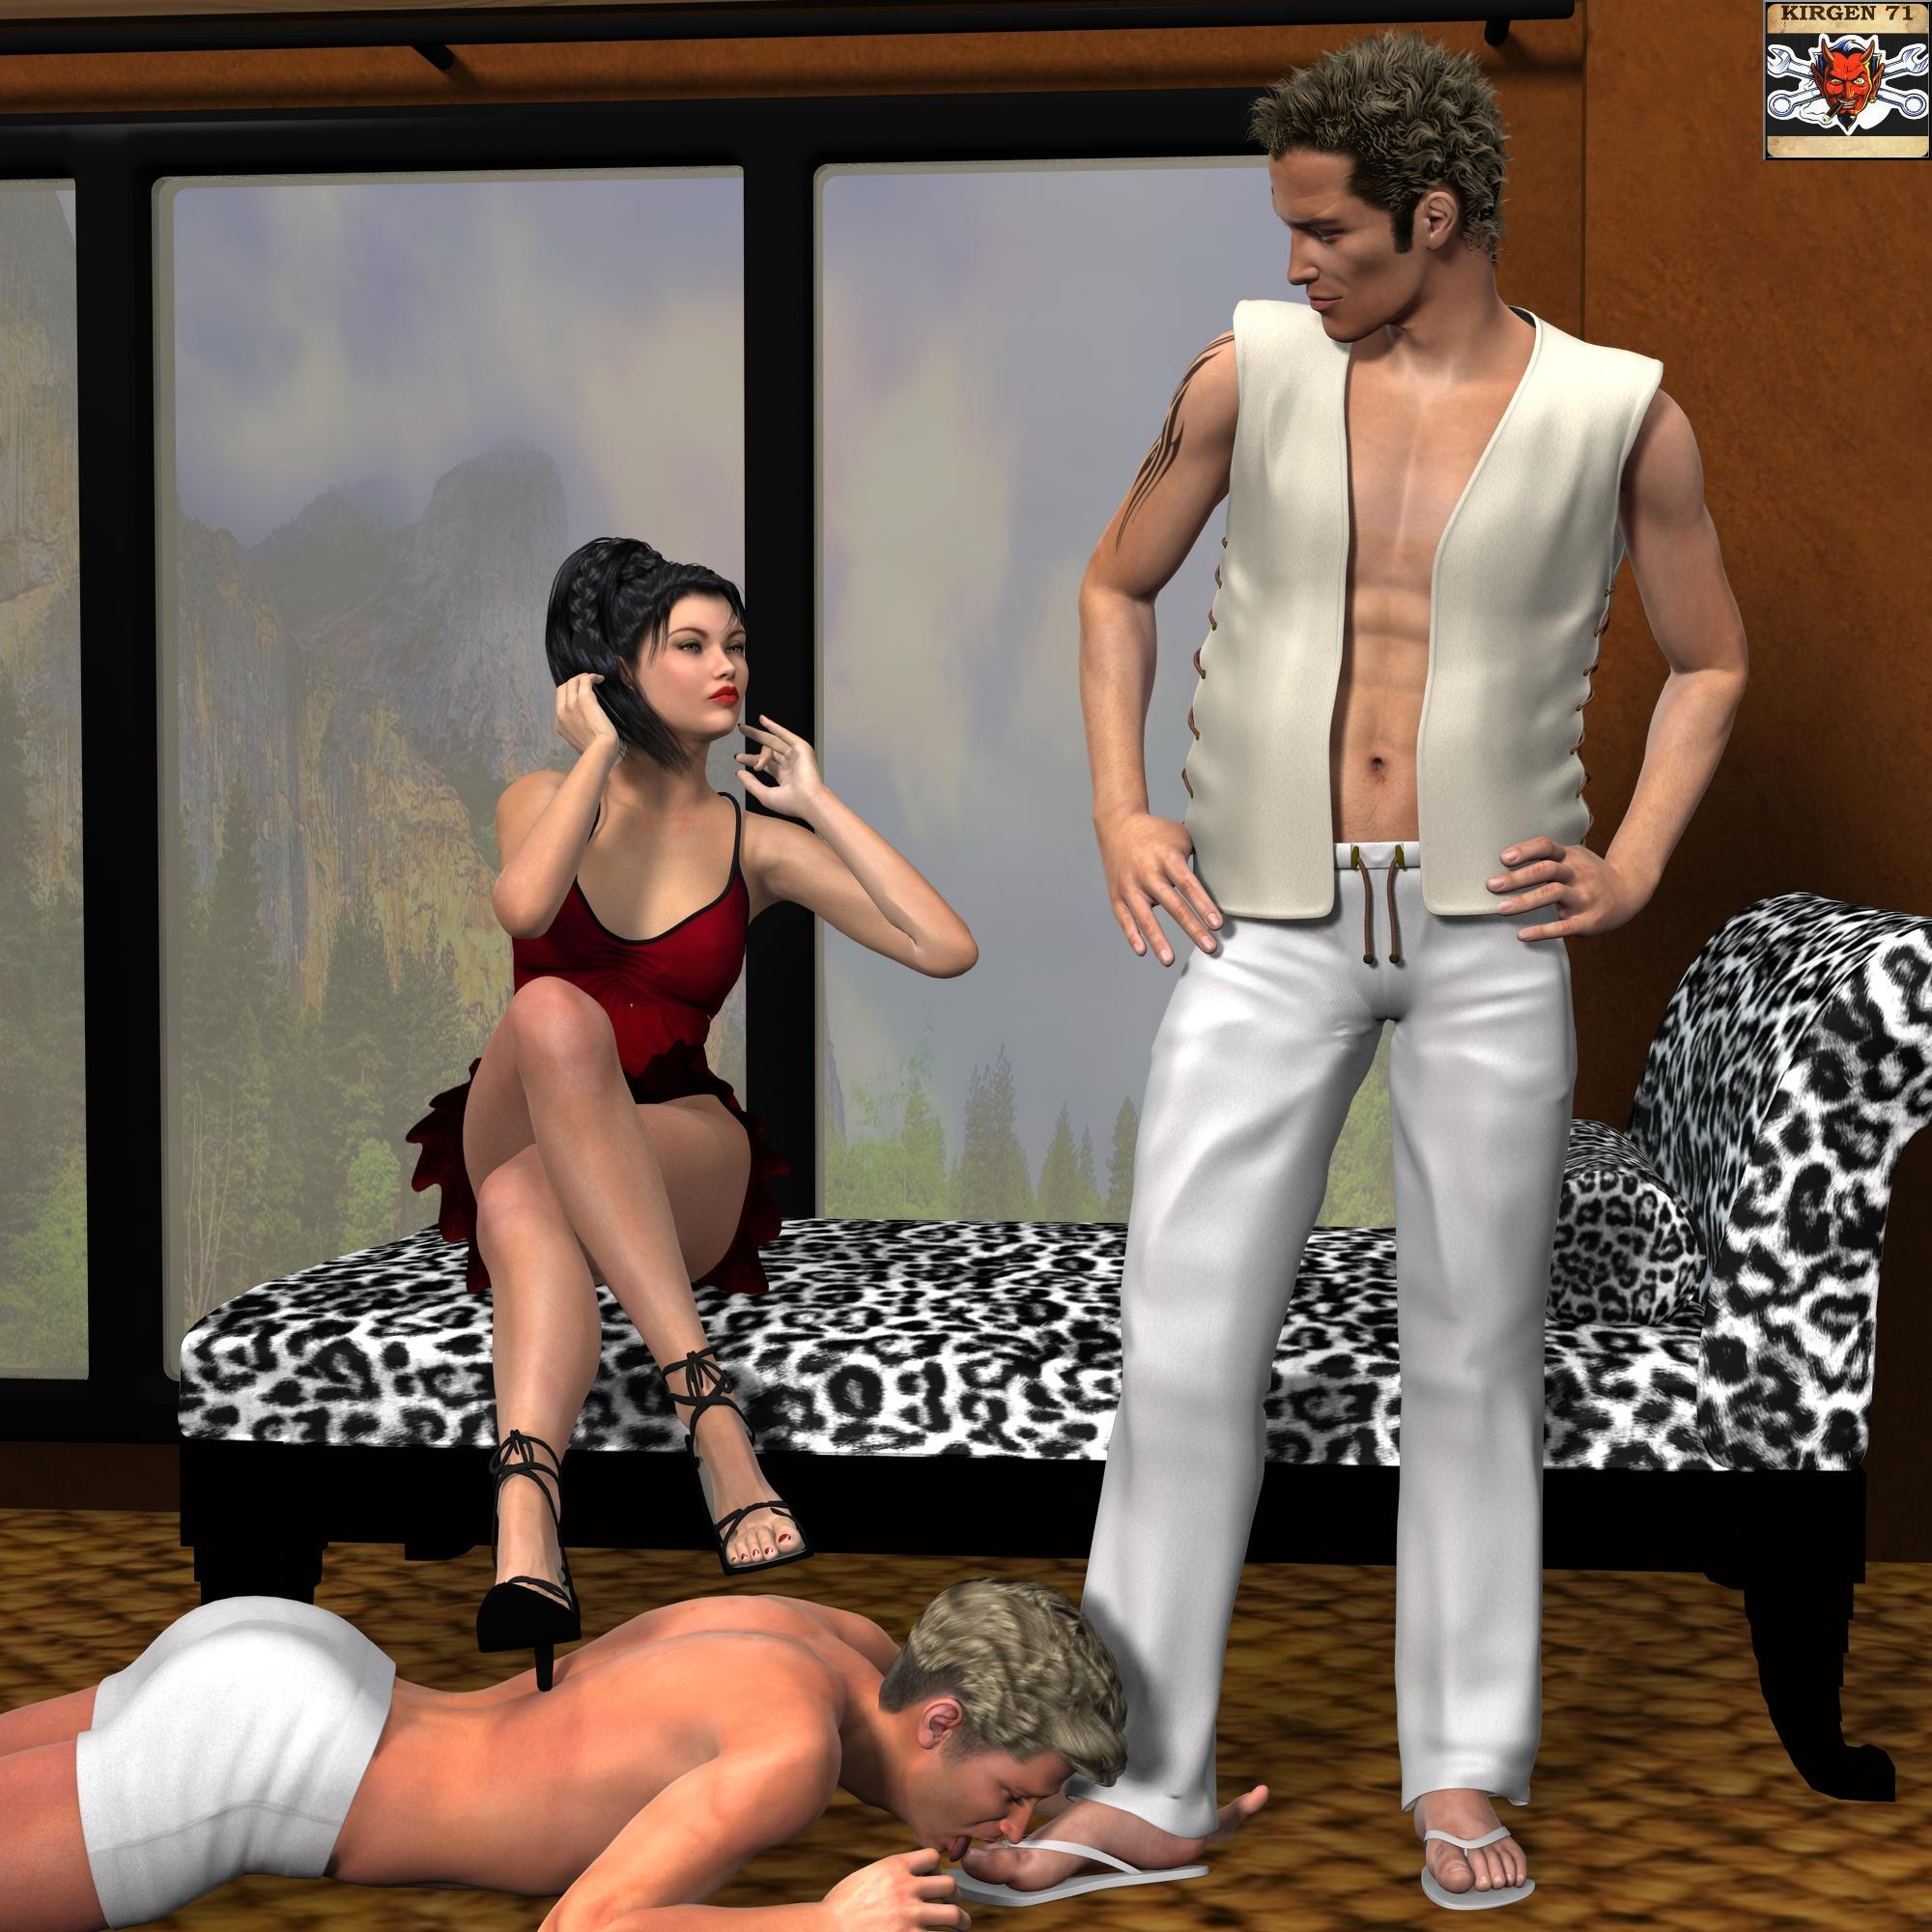 Cuckold couple sex